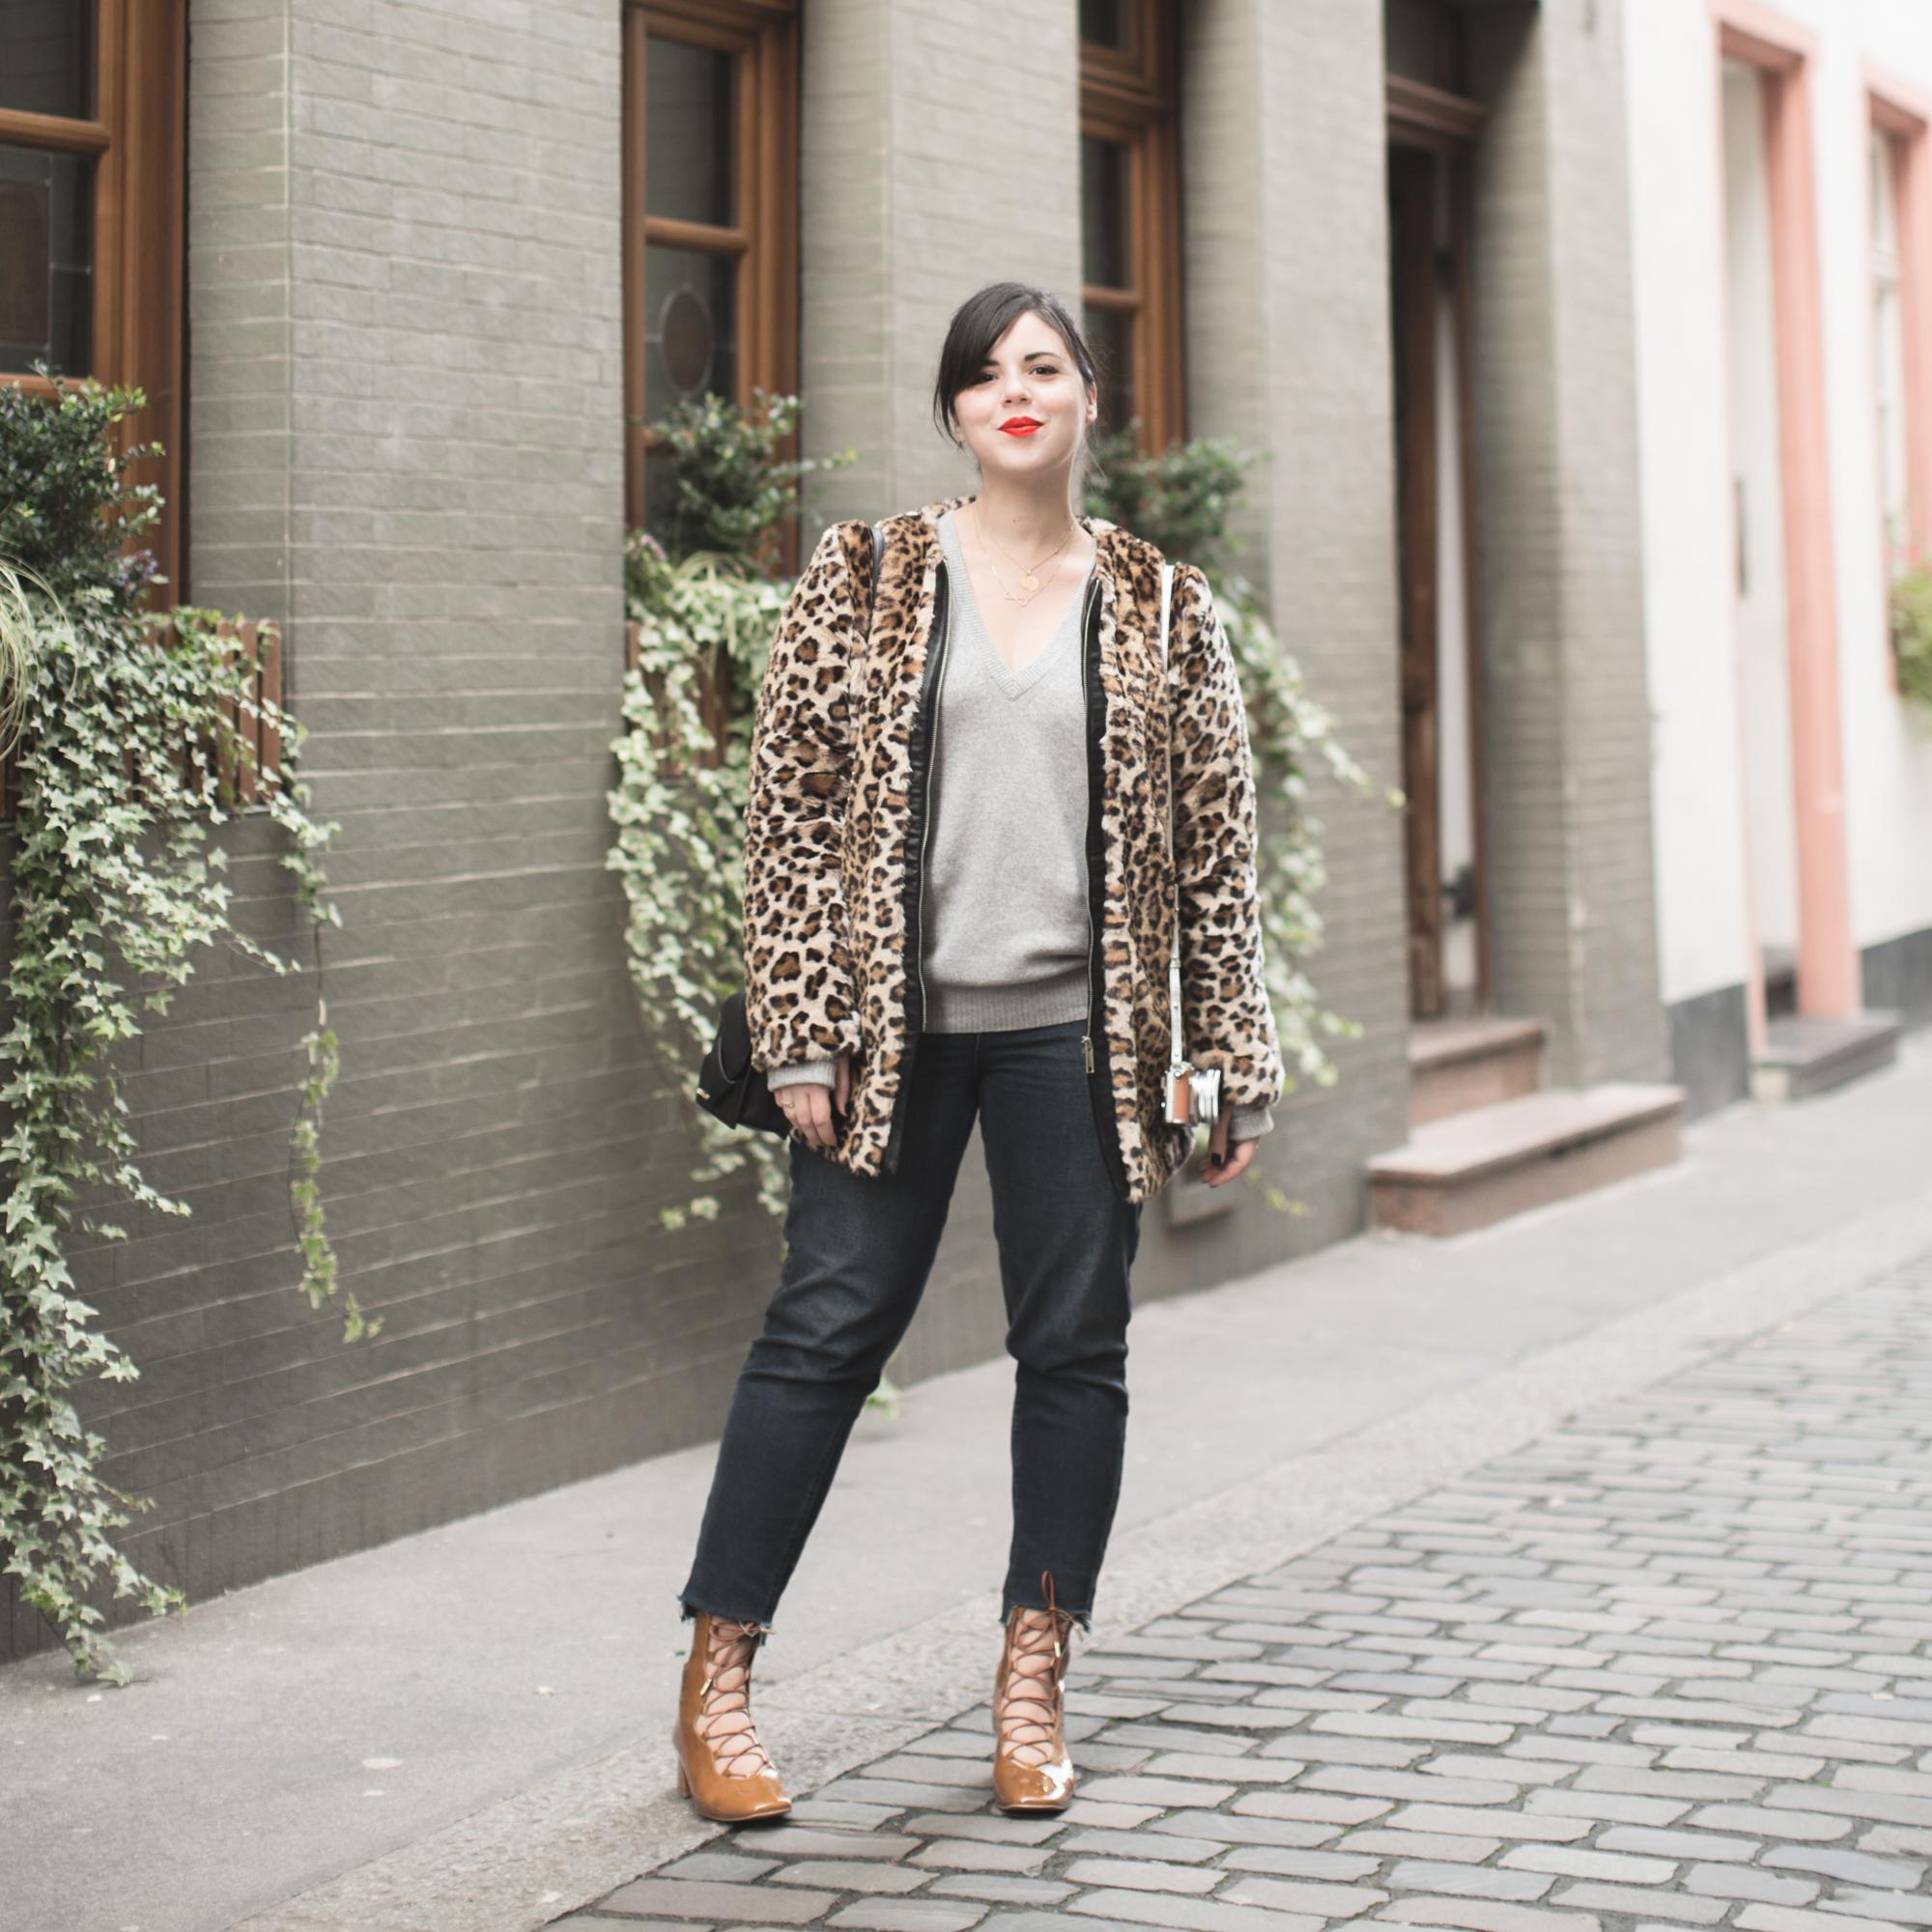 manteau_moumoute_leopard_tissaia_de_e_leclerc_copyright_pauline_fashionblog_blog_mode-1-2